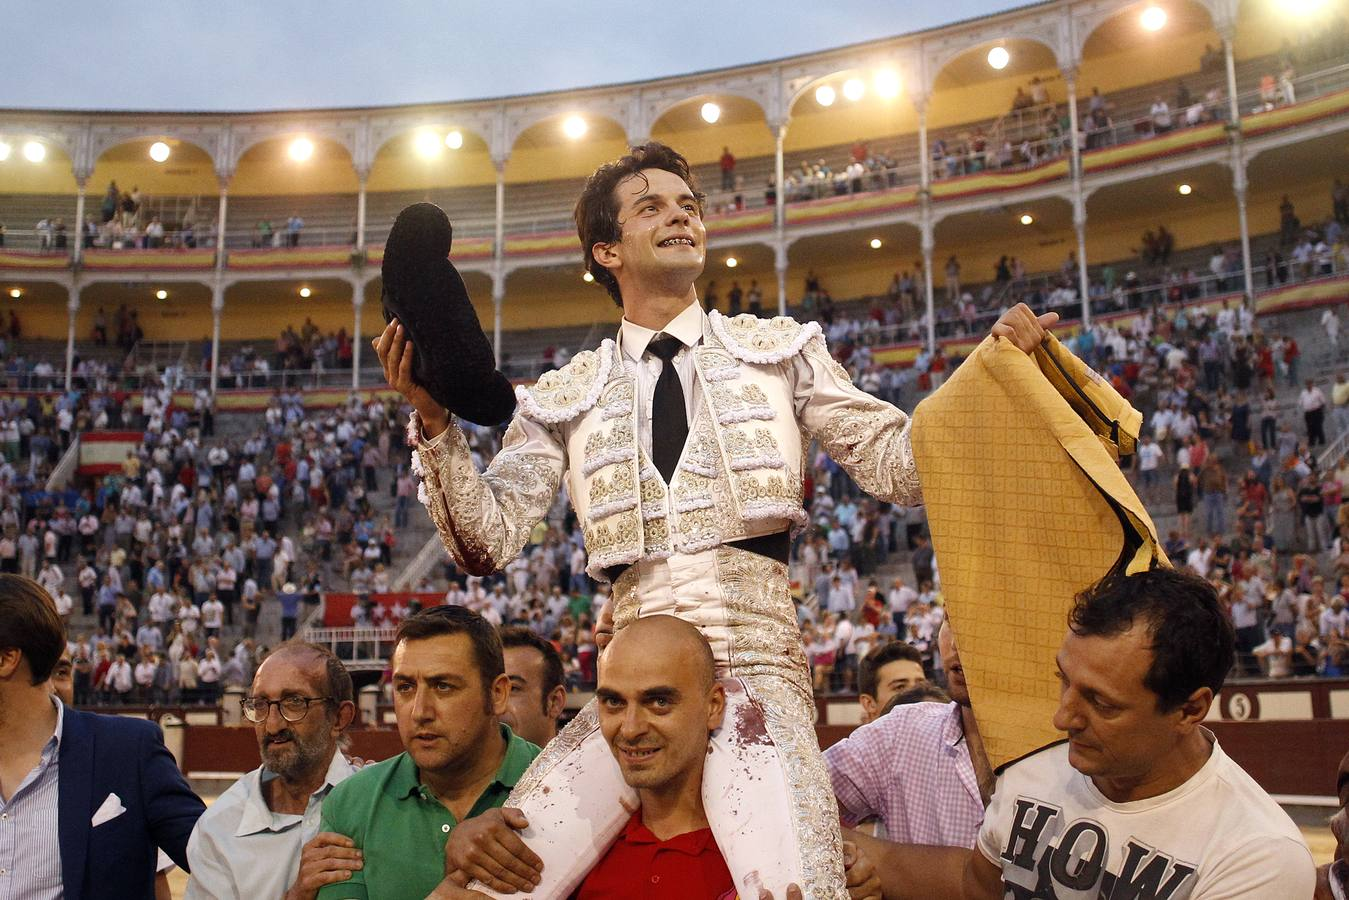 Resultado de imagen de Juan del Álamo a hombros en Madrid